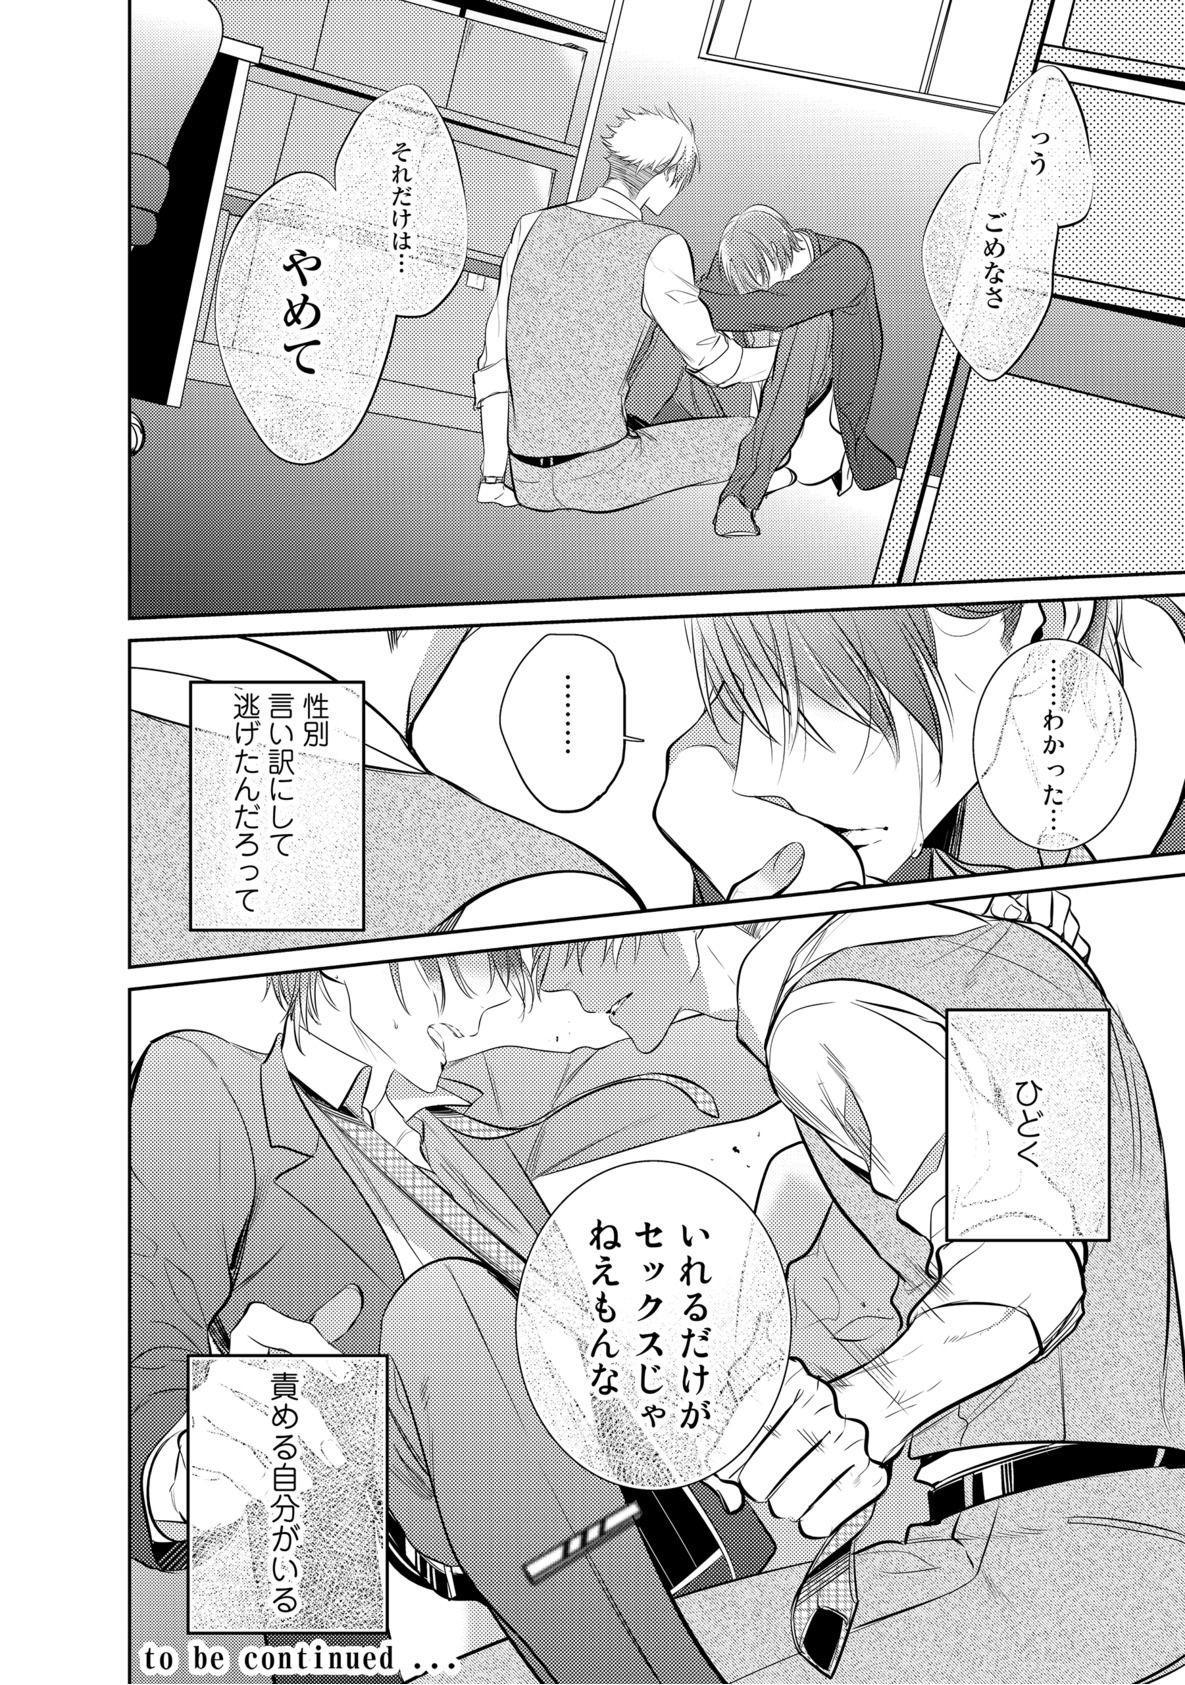 Kurui Naku no wa Boku no Ban ~ vol.2 31